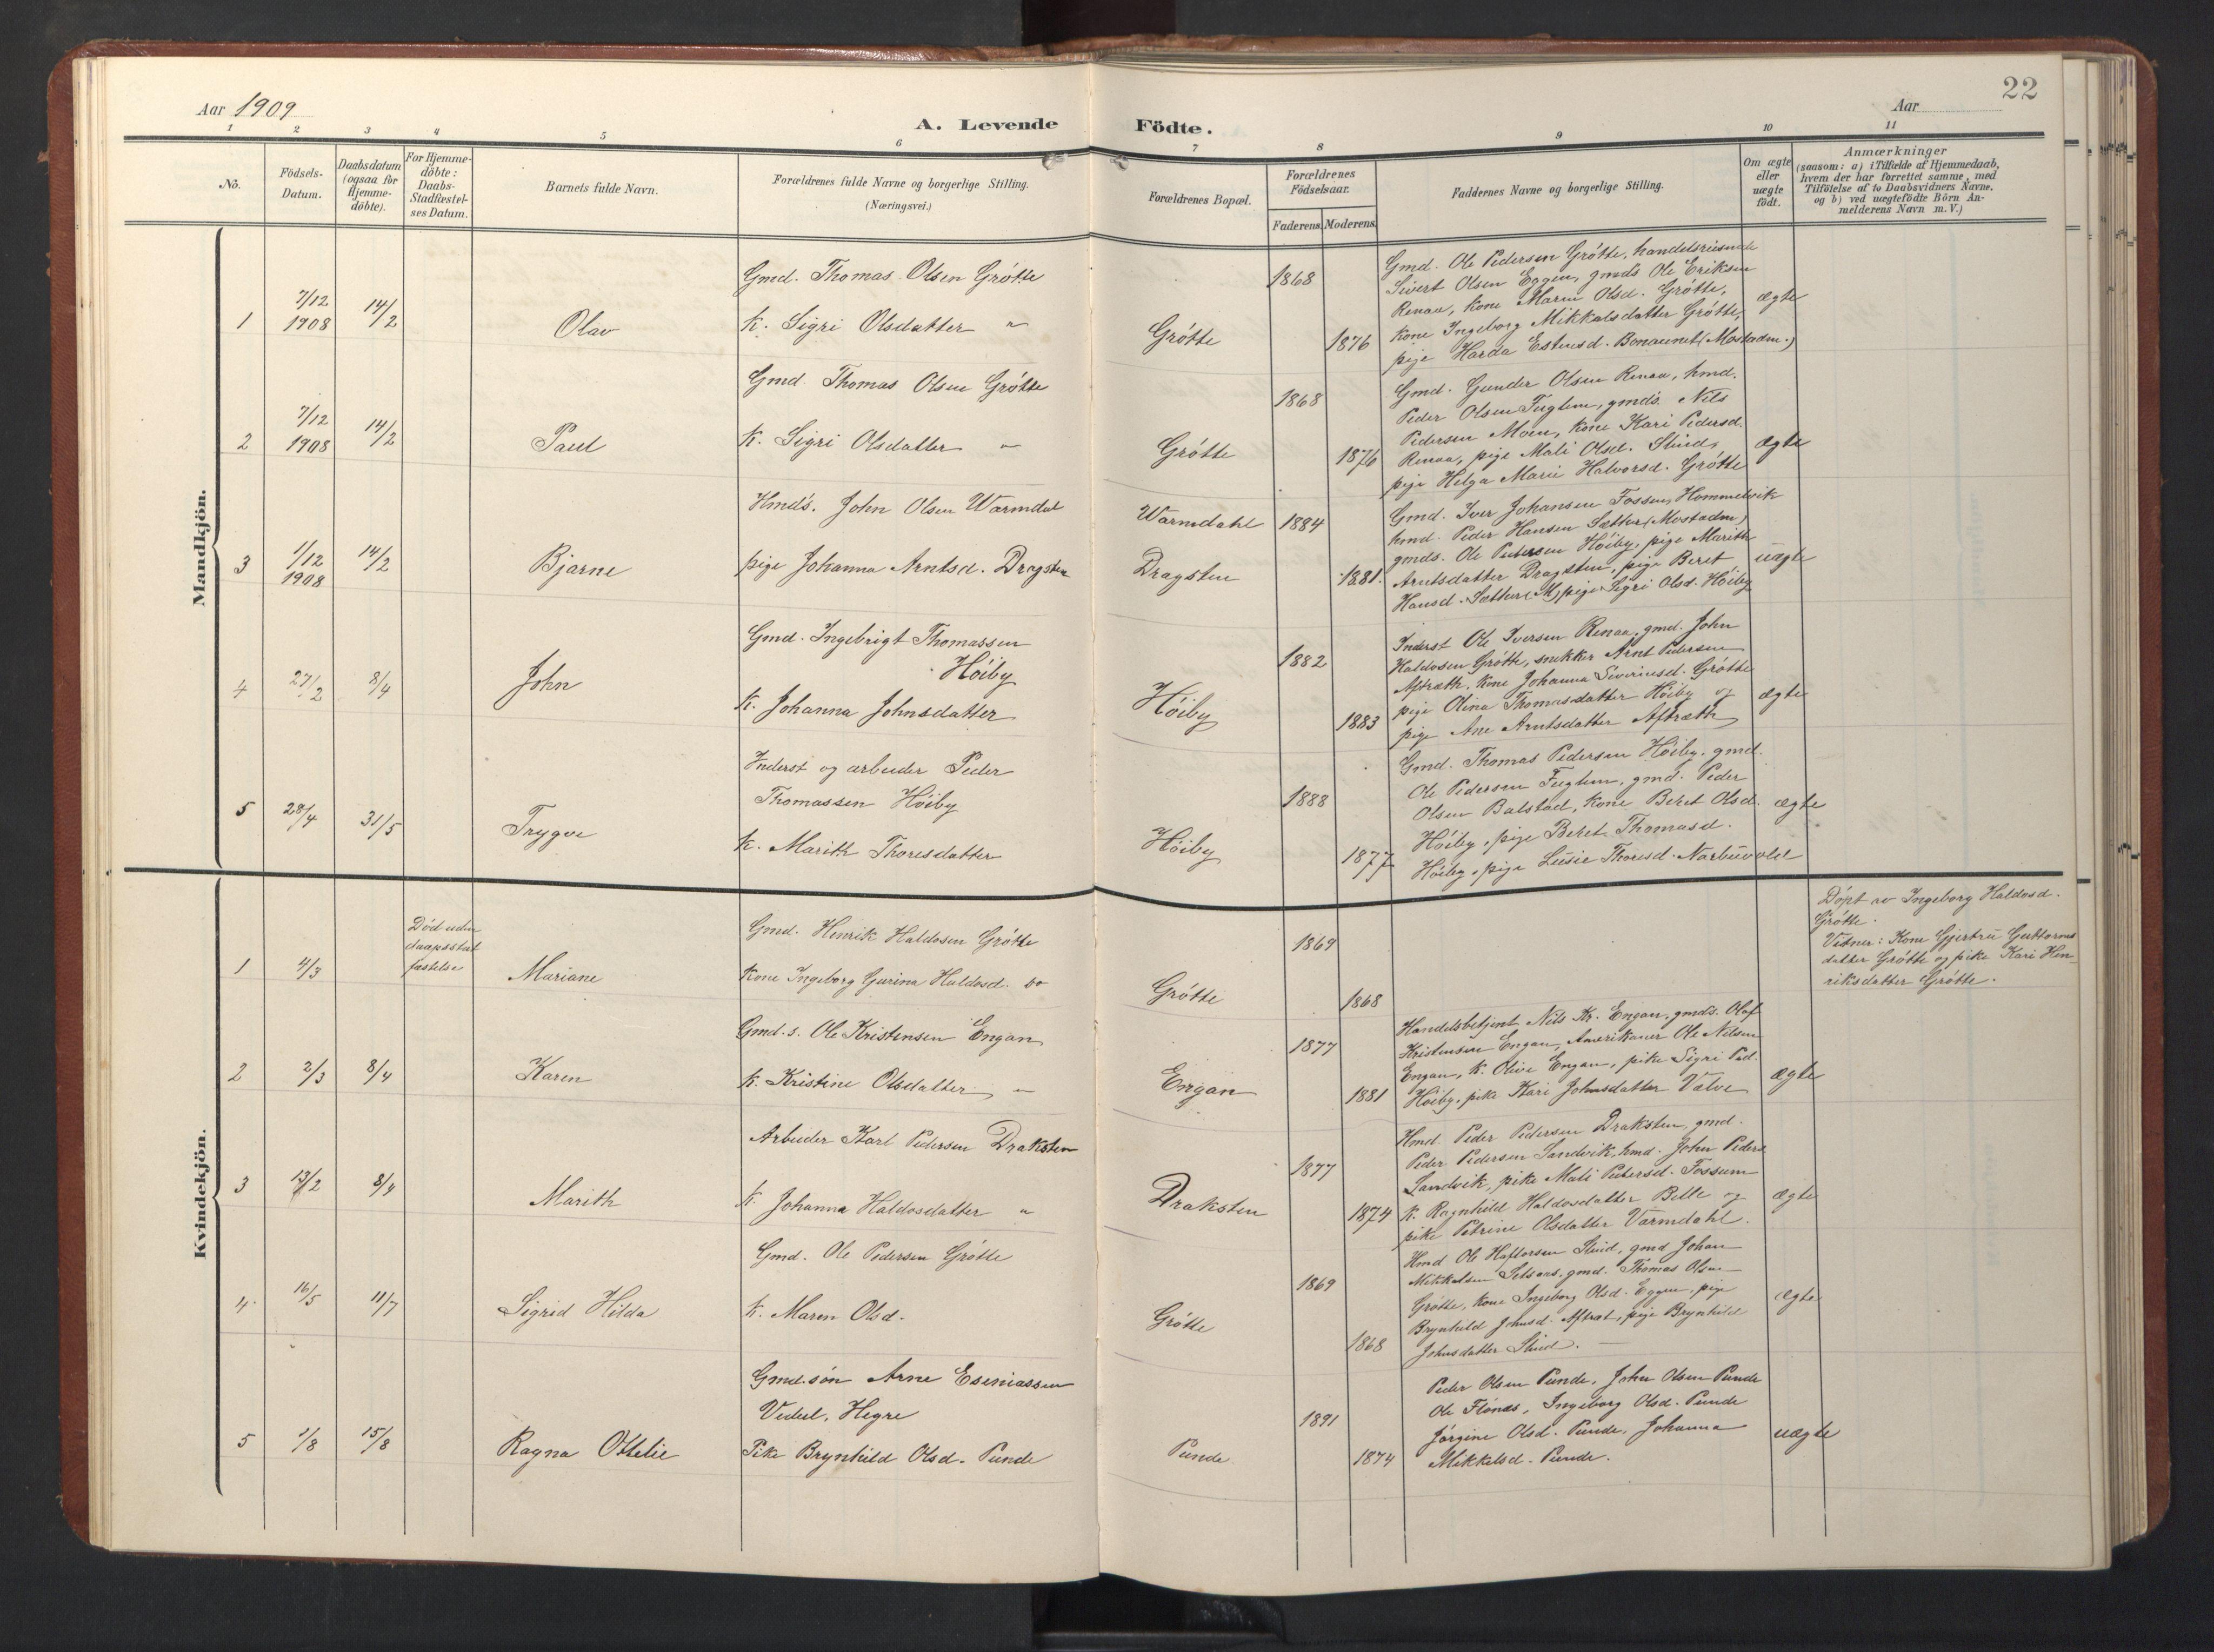 SAT, Ministerialprotokoller, klokkerbøker og fødselsregistre - Sør-Trøndelag, 696/L1161: Klokkerbok nr. 696C01, 1902-1950, s. 22